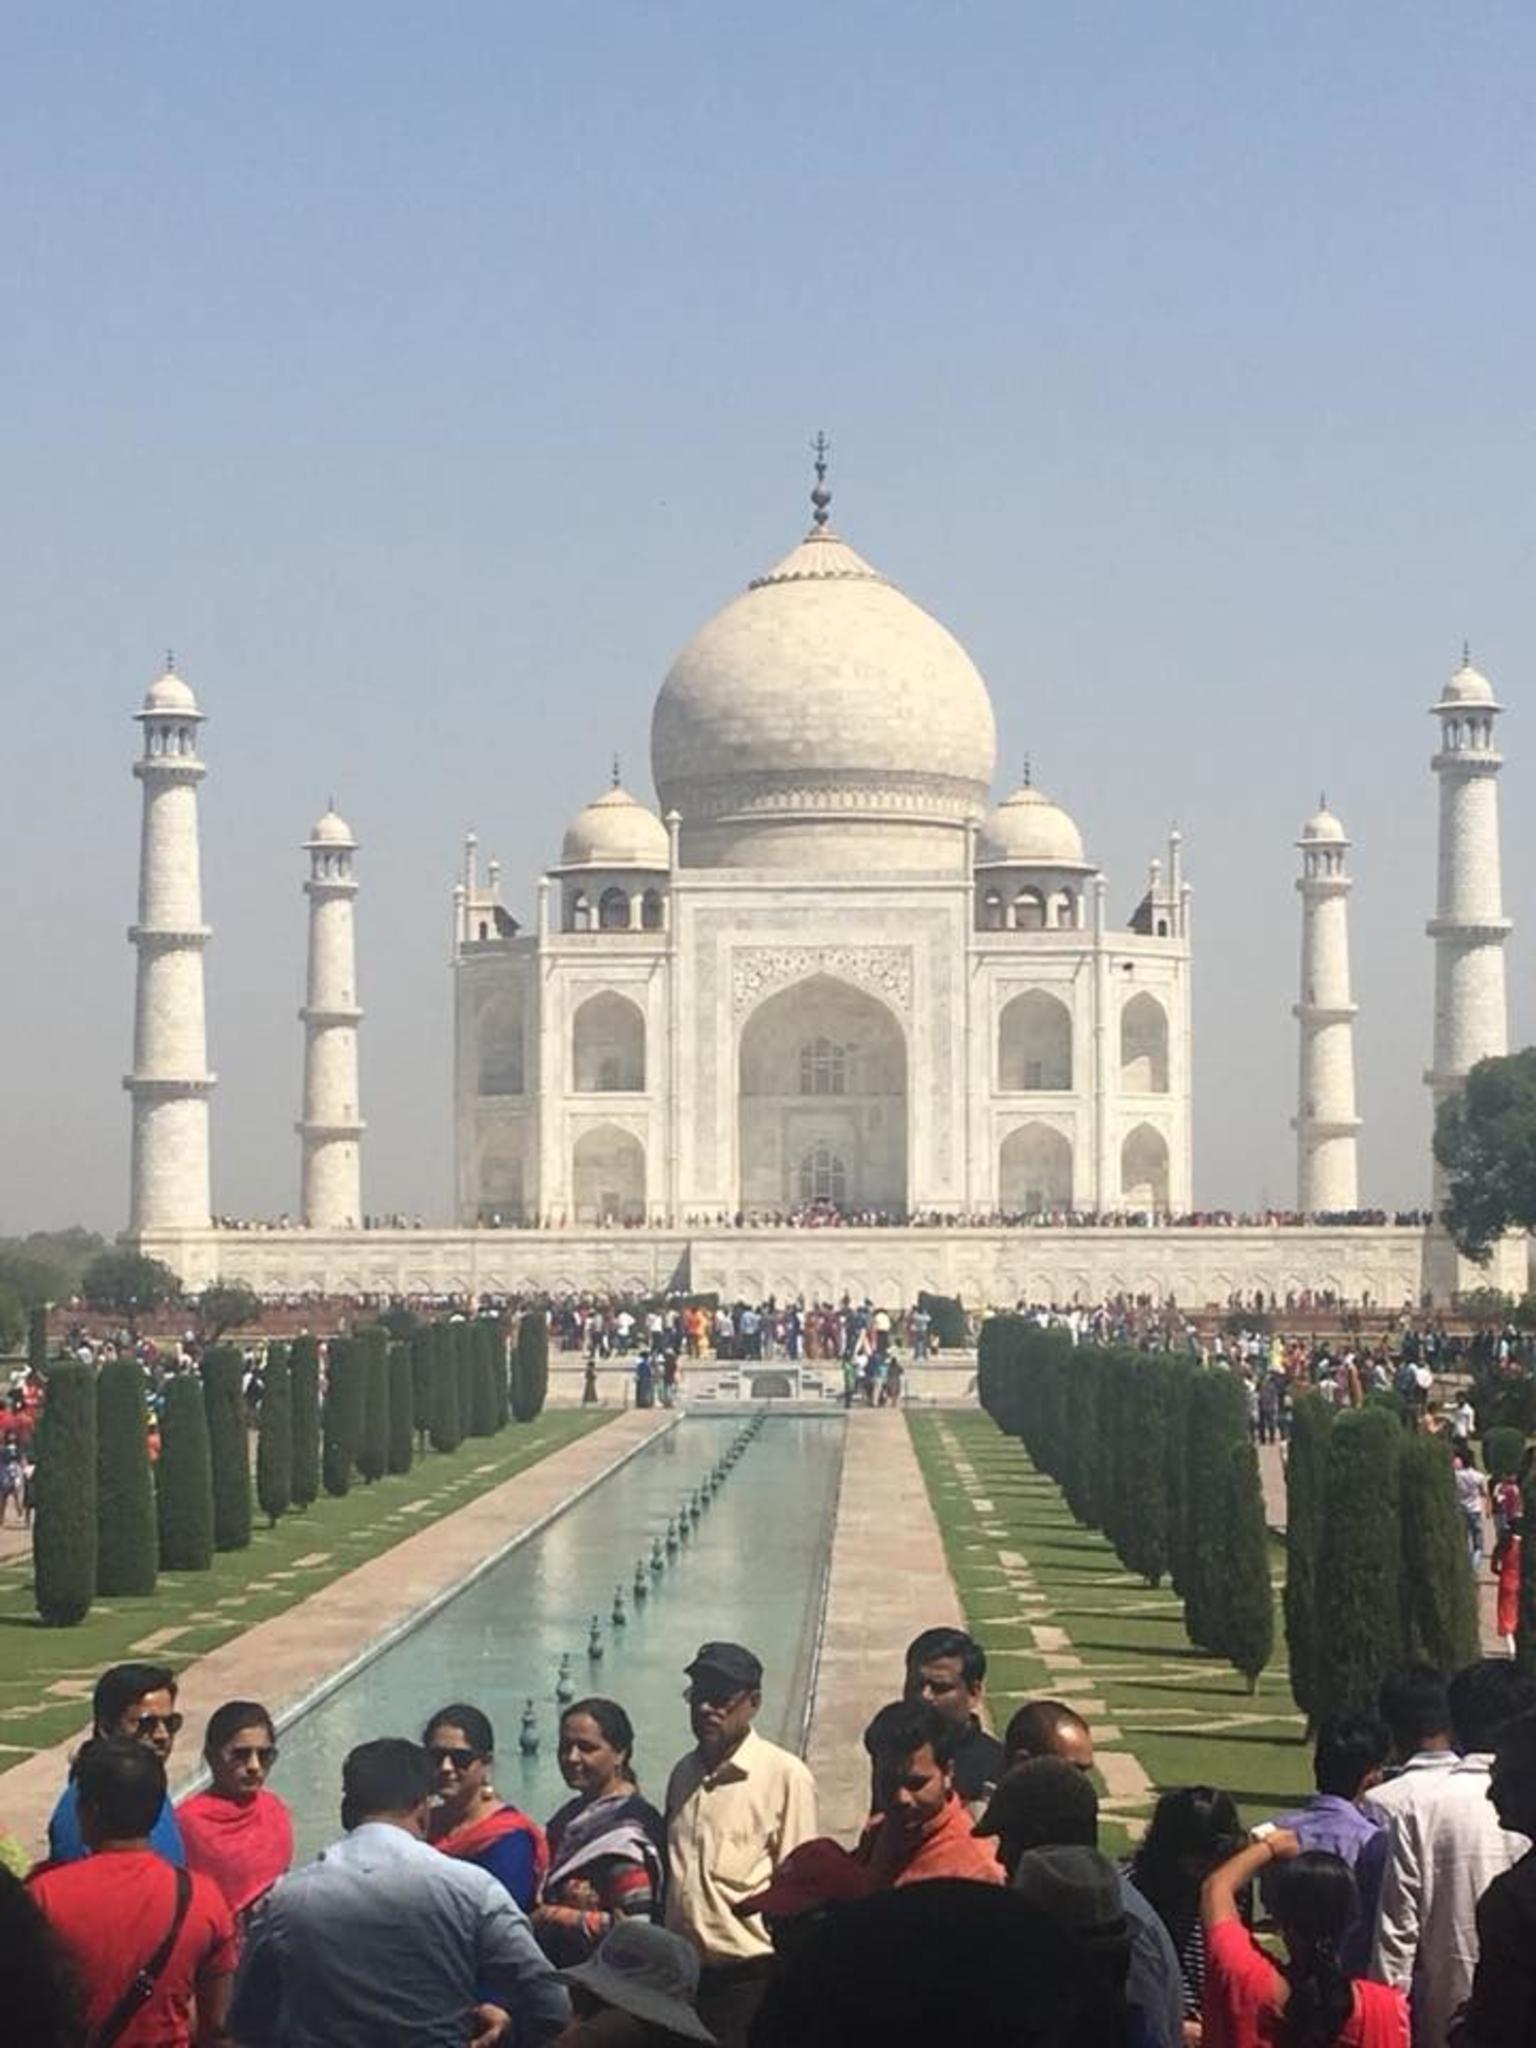 MÁS FOTOS, Recorrido todo incluido de un día al Taj Mahal, el Fuerte de Agra y el pequeño Taj desde Delhi en coche